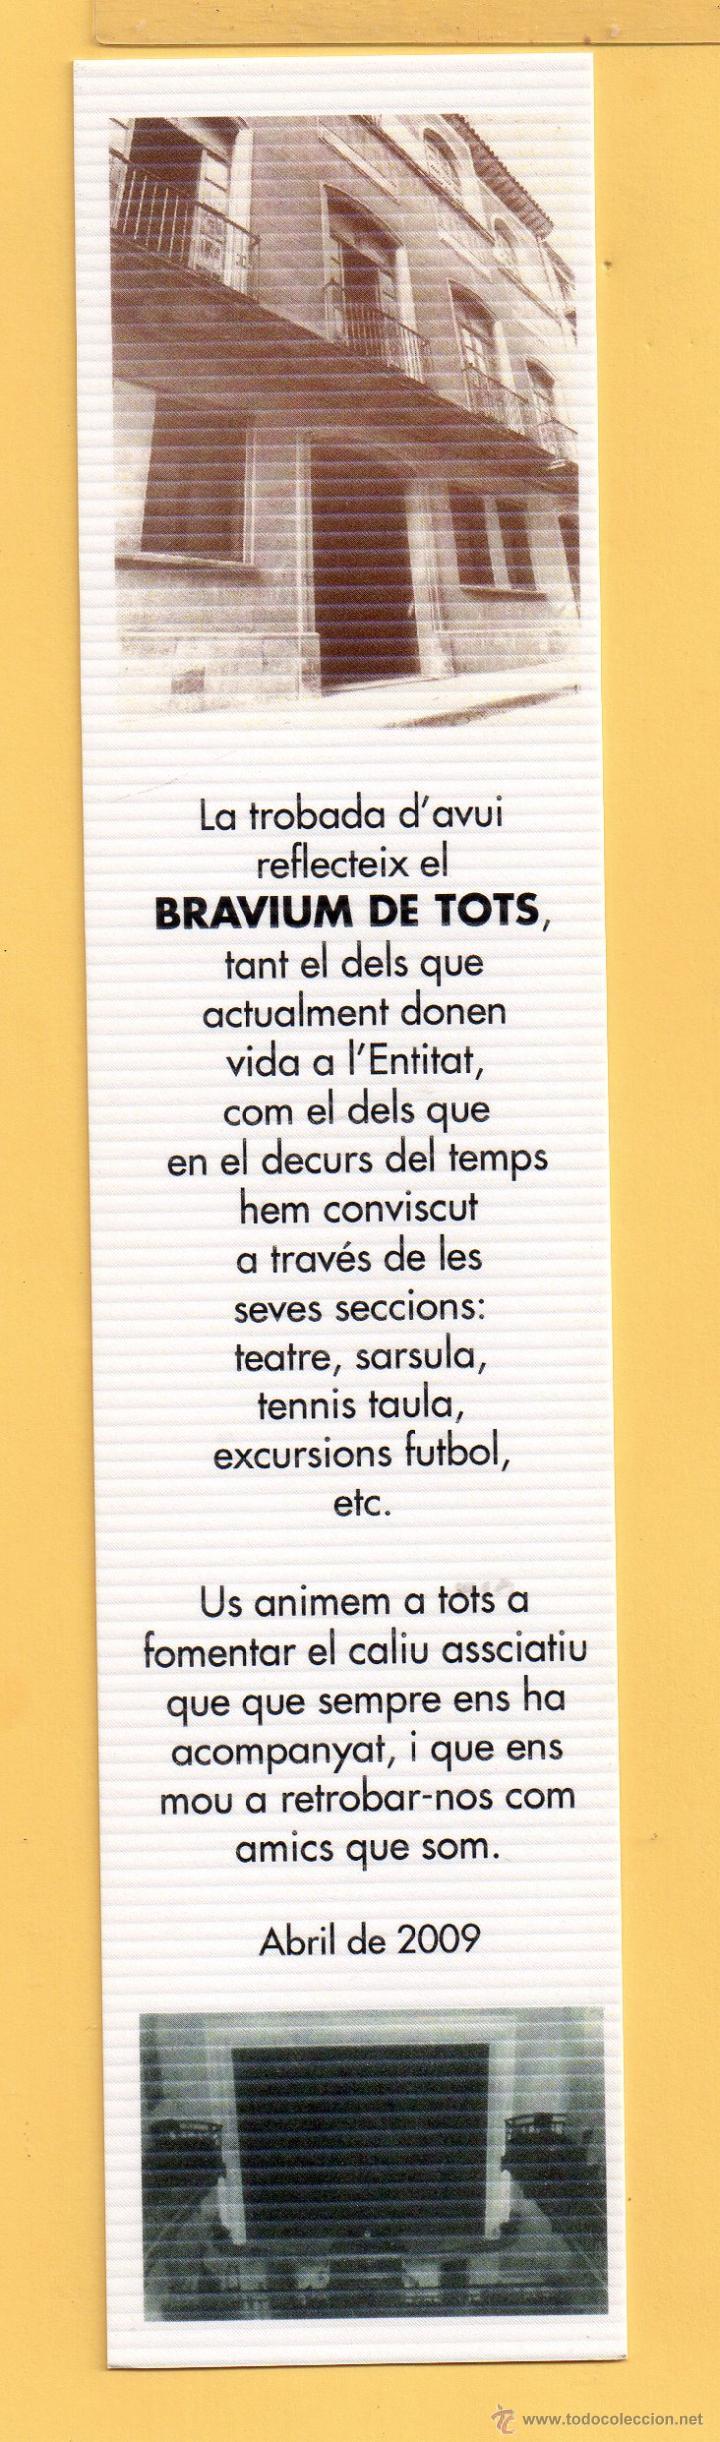 BONITO MARCAPÁGINAS DE EDICION LA TROBADA DE HOY DE REFLESIONAR EN EL BRAVIN DE REUS AÑO 2009 (Coleccionismo - Marcapáginas)